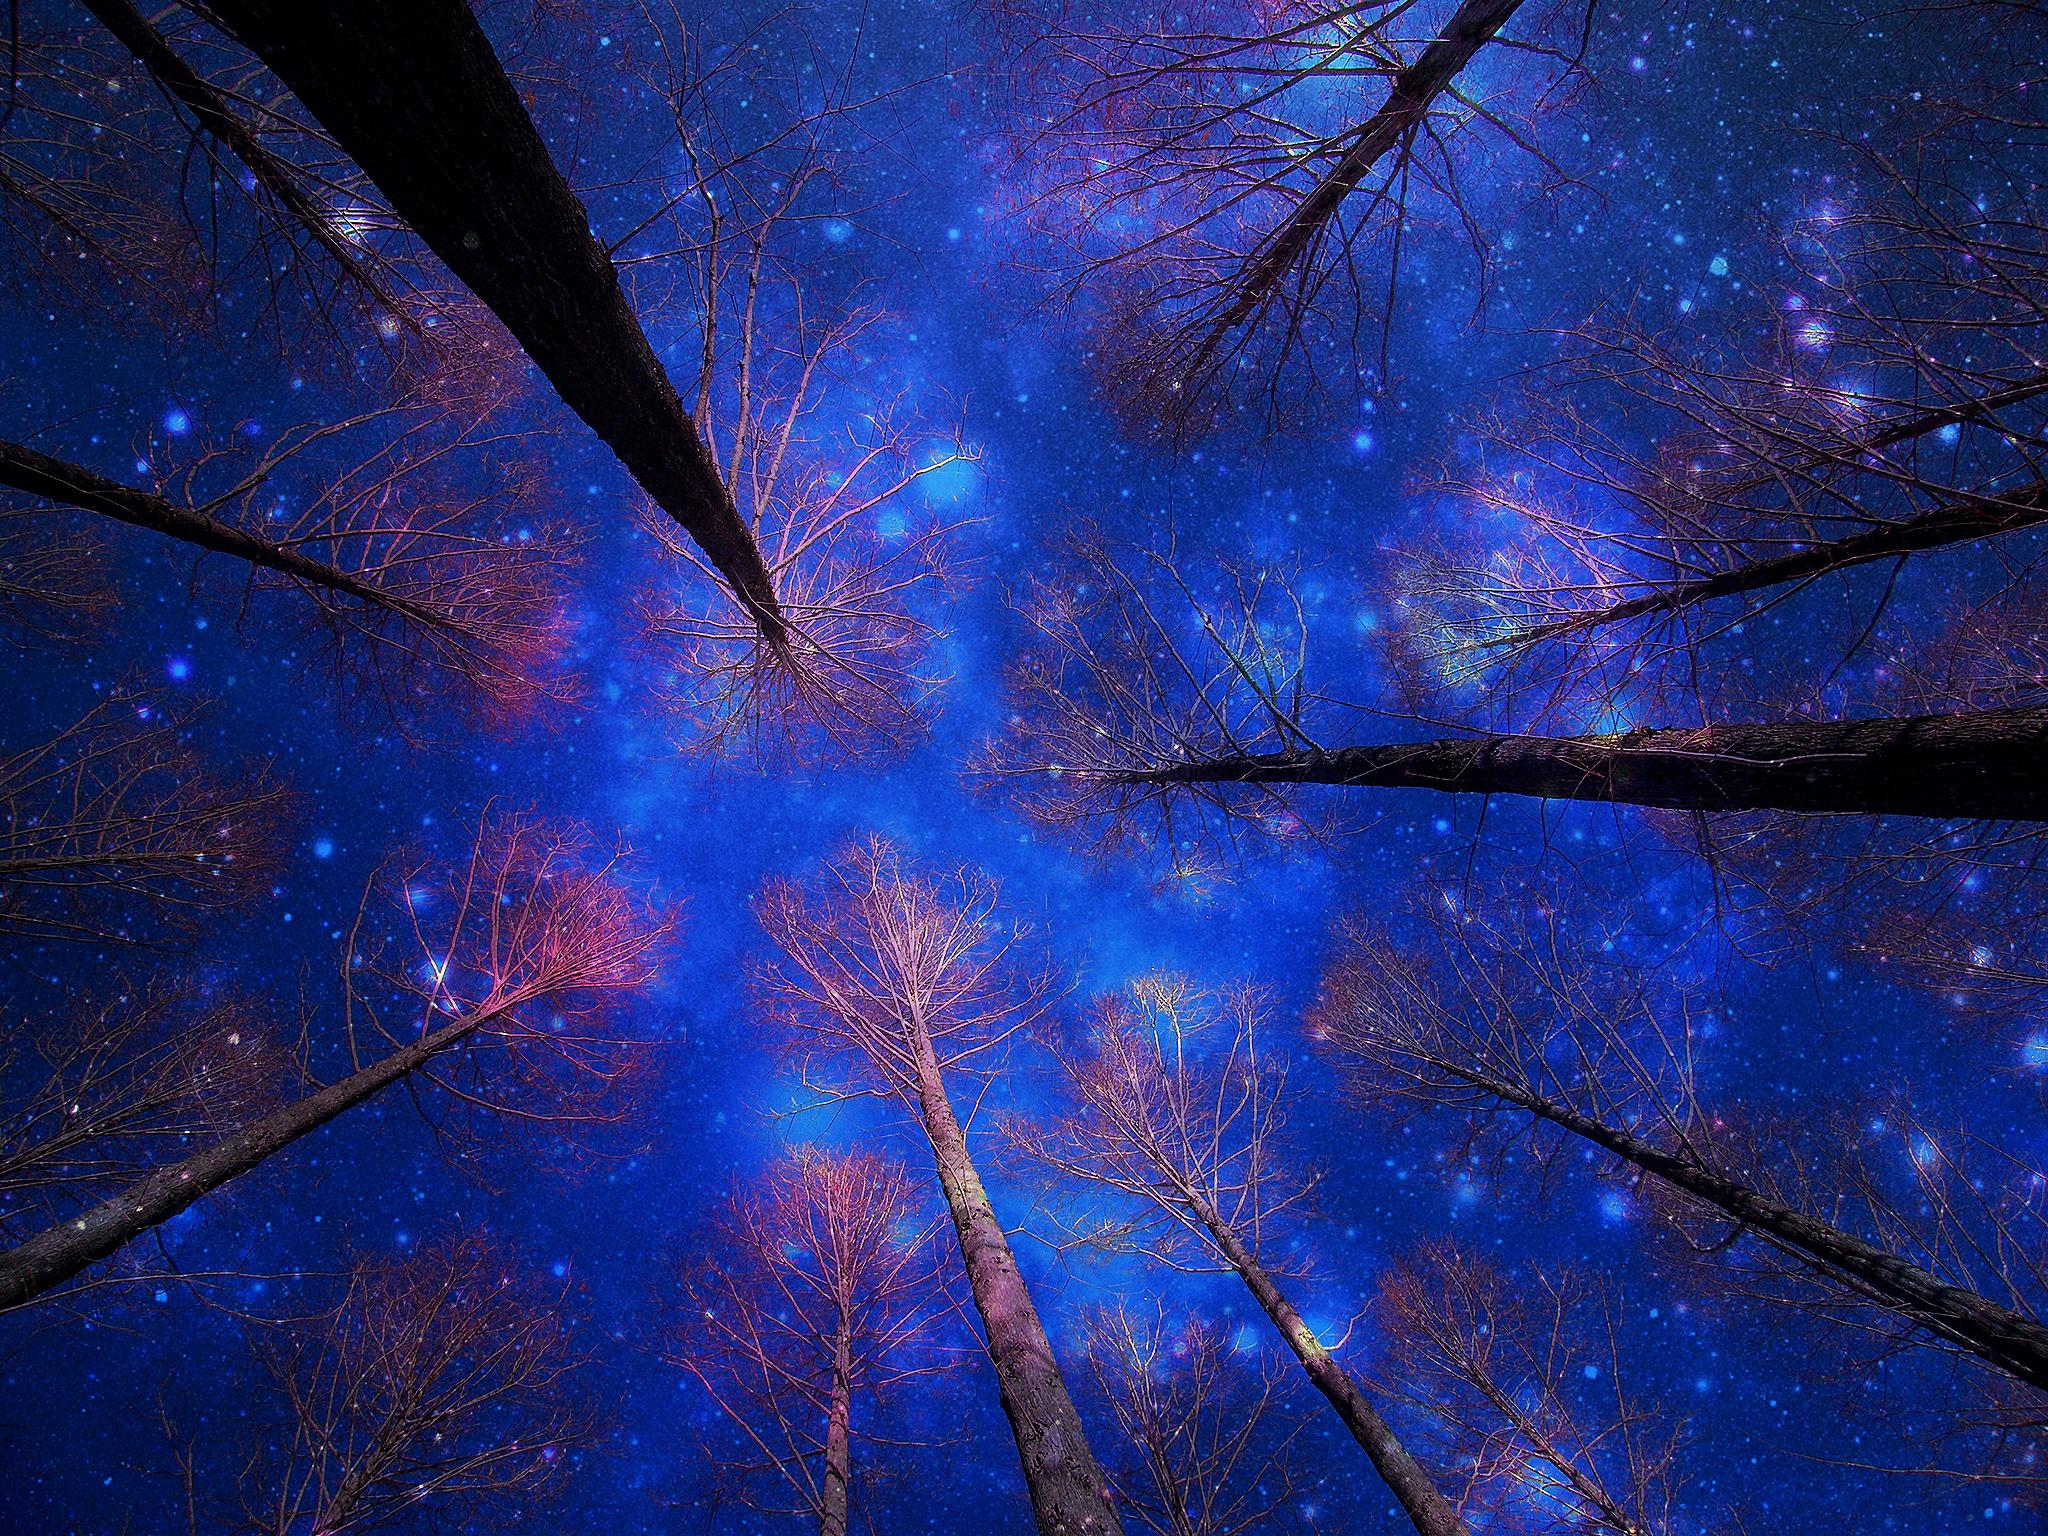 звезды лес кроны скачать